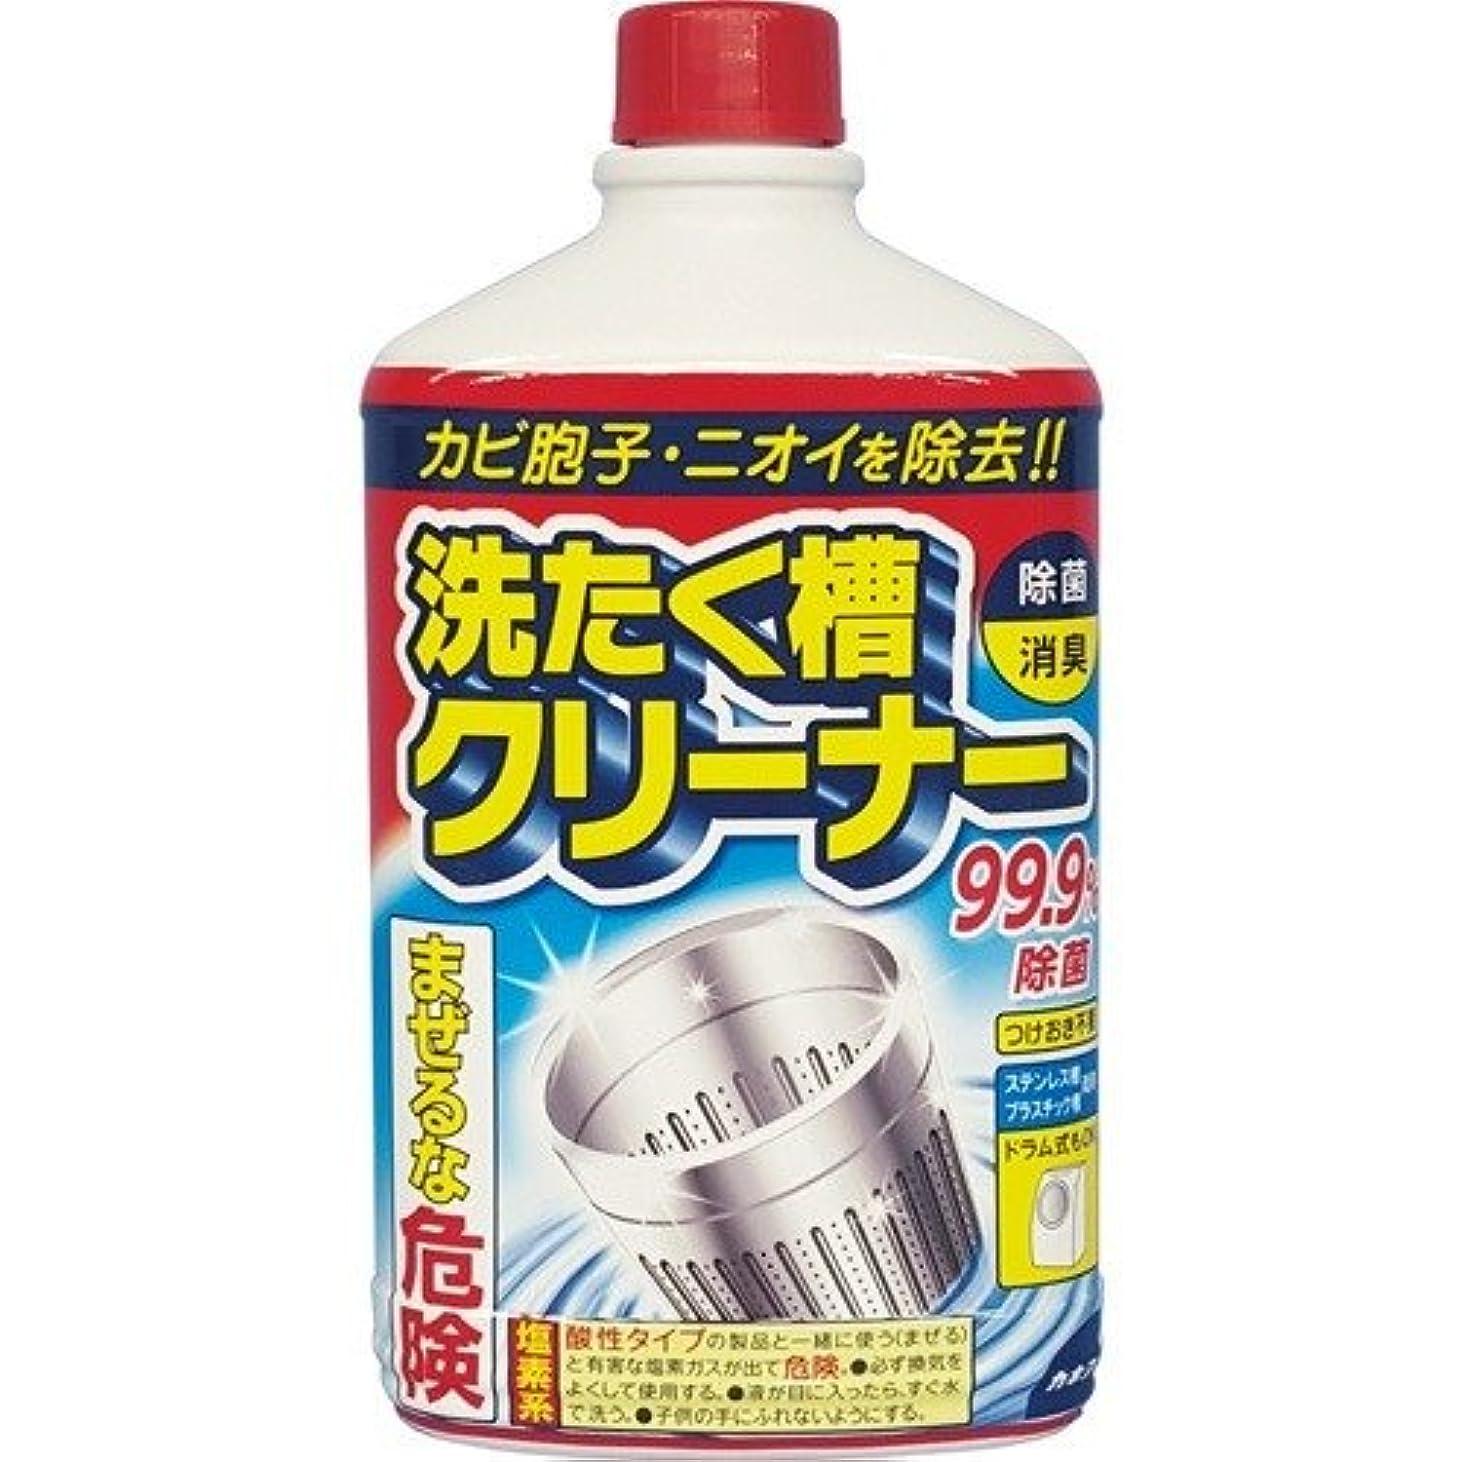 洗たく槽クリ-ナ- 550g